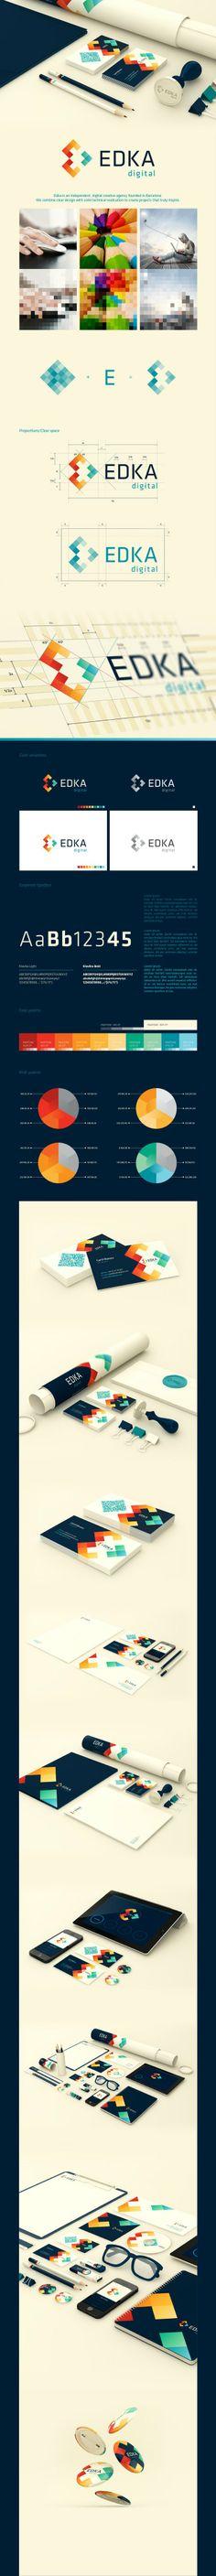 Edka公司logo设计灵感&公...